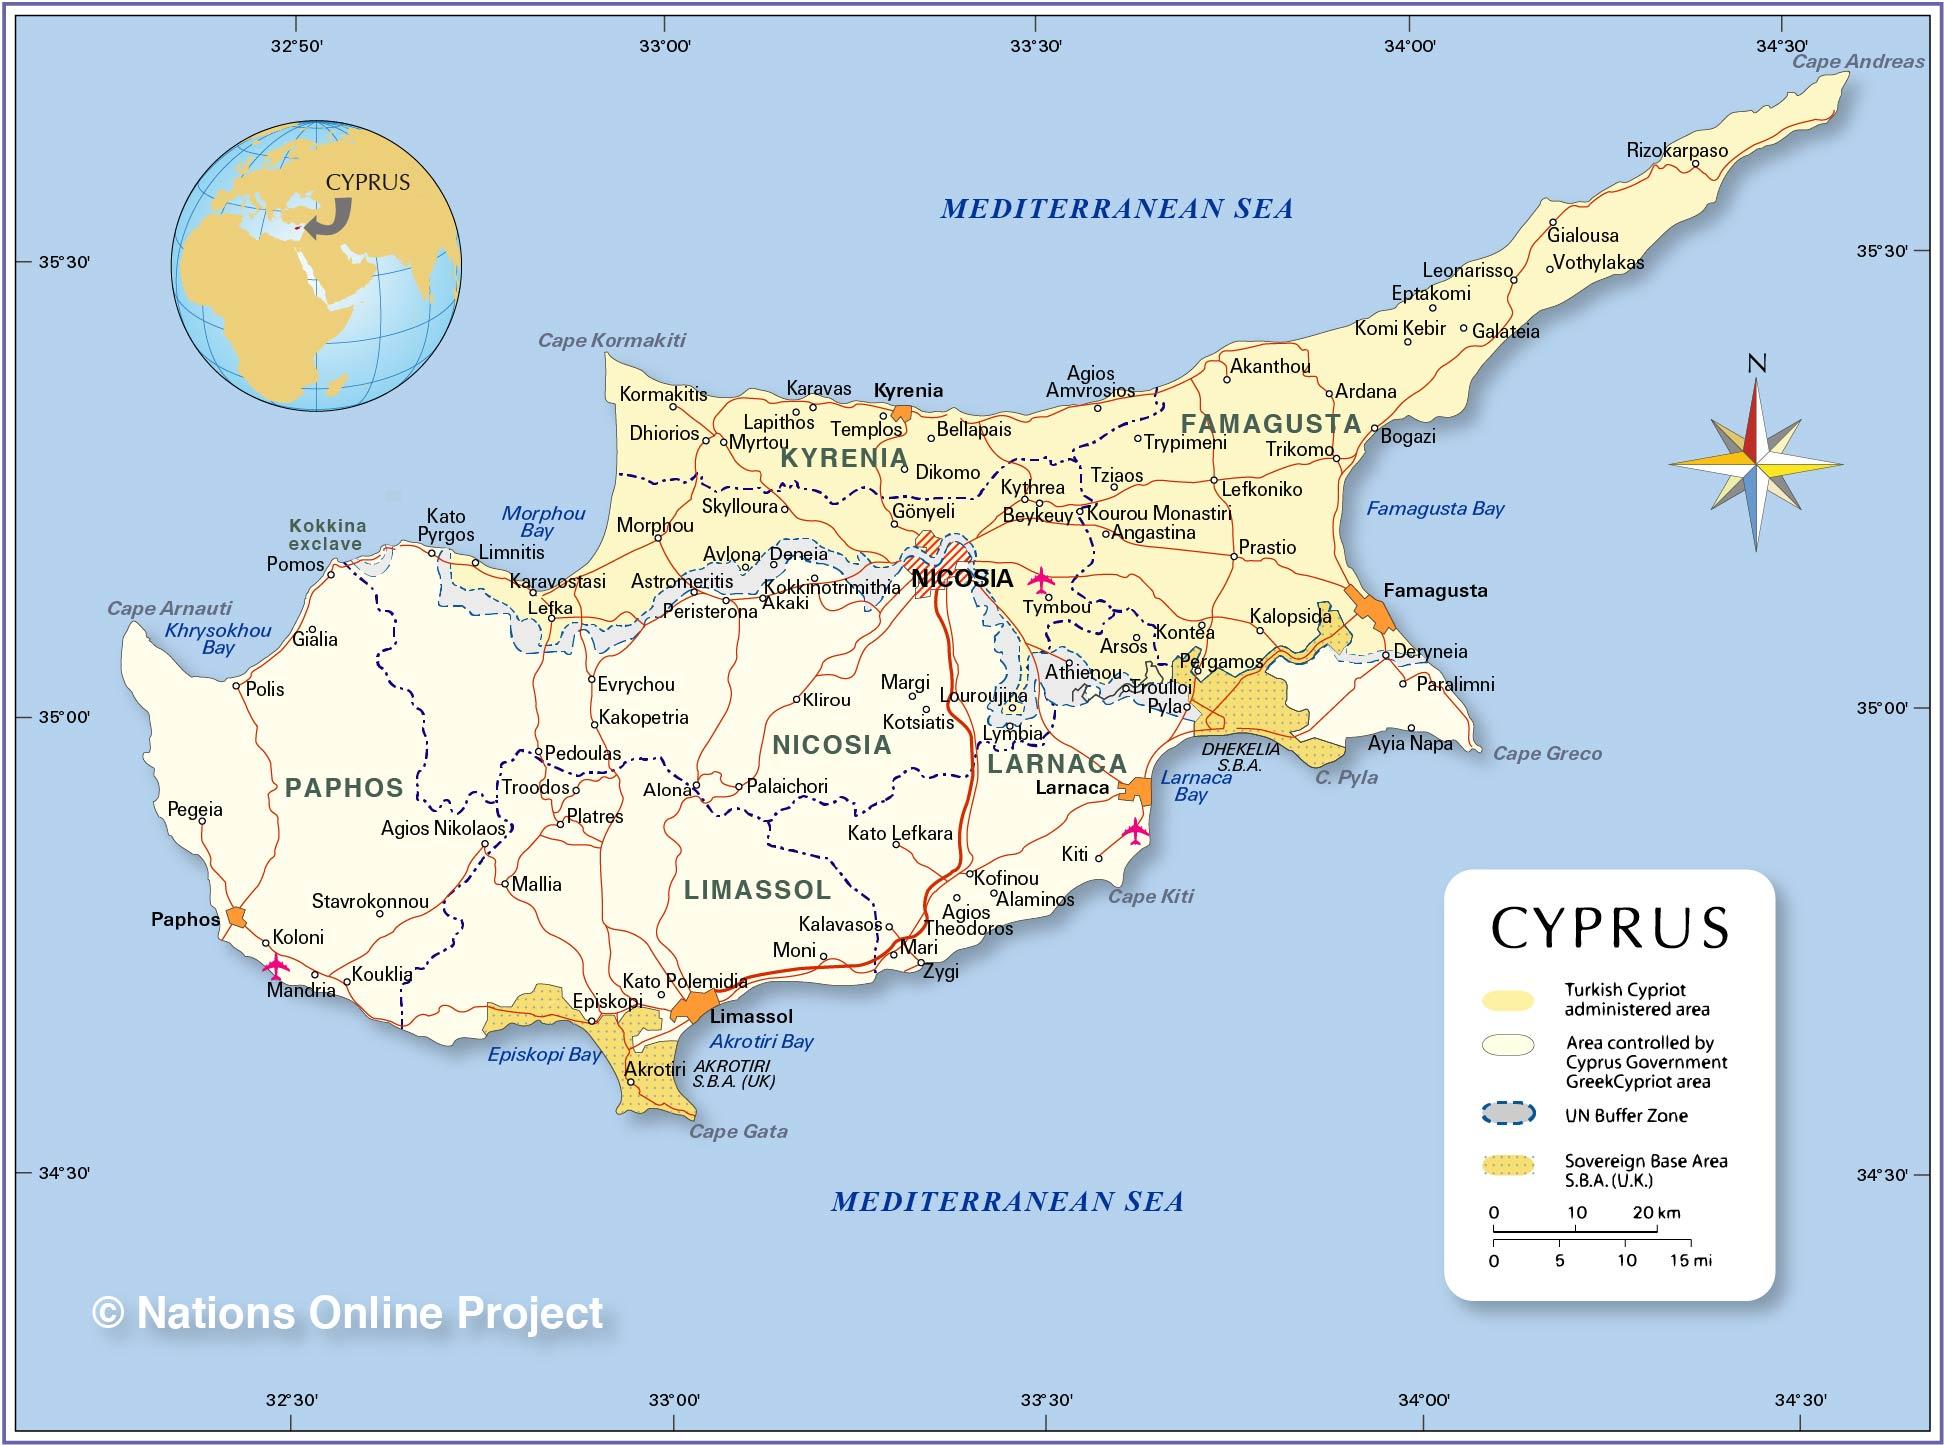 Gde se nalazi i kako je okupiran Kipar?